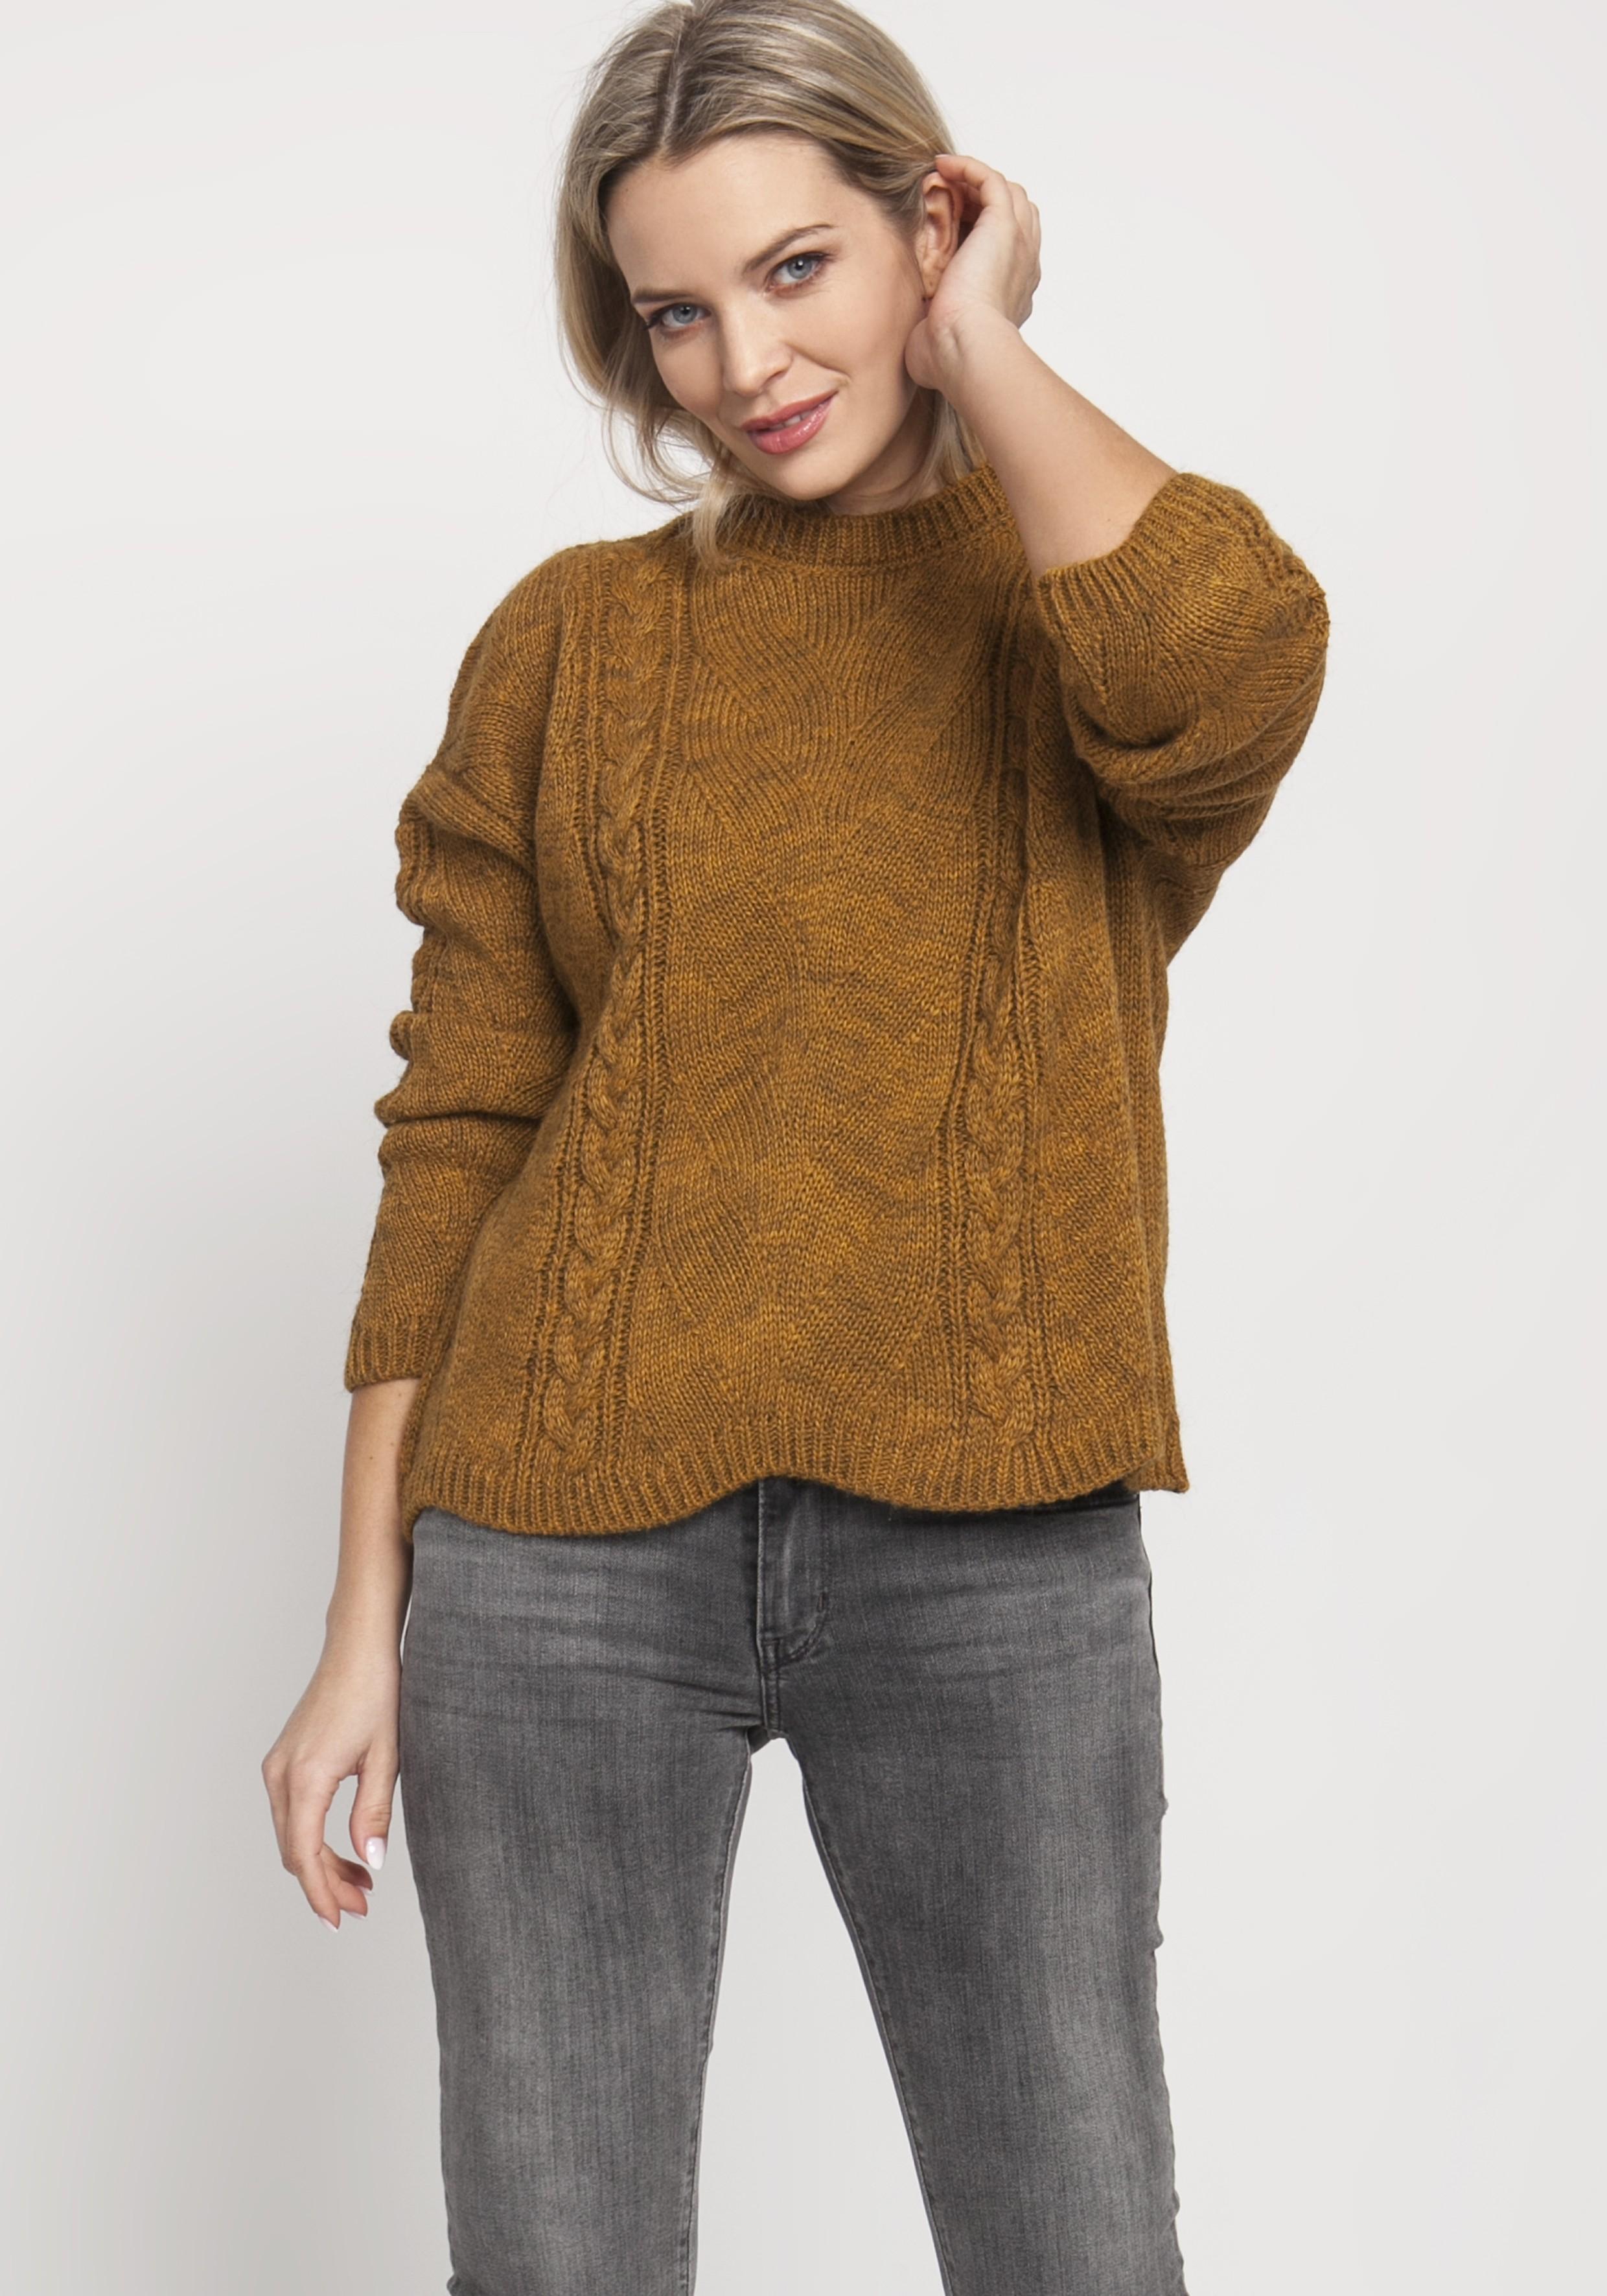 Horčicový krátky sveter s pleteným vzorom - S/M